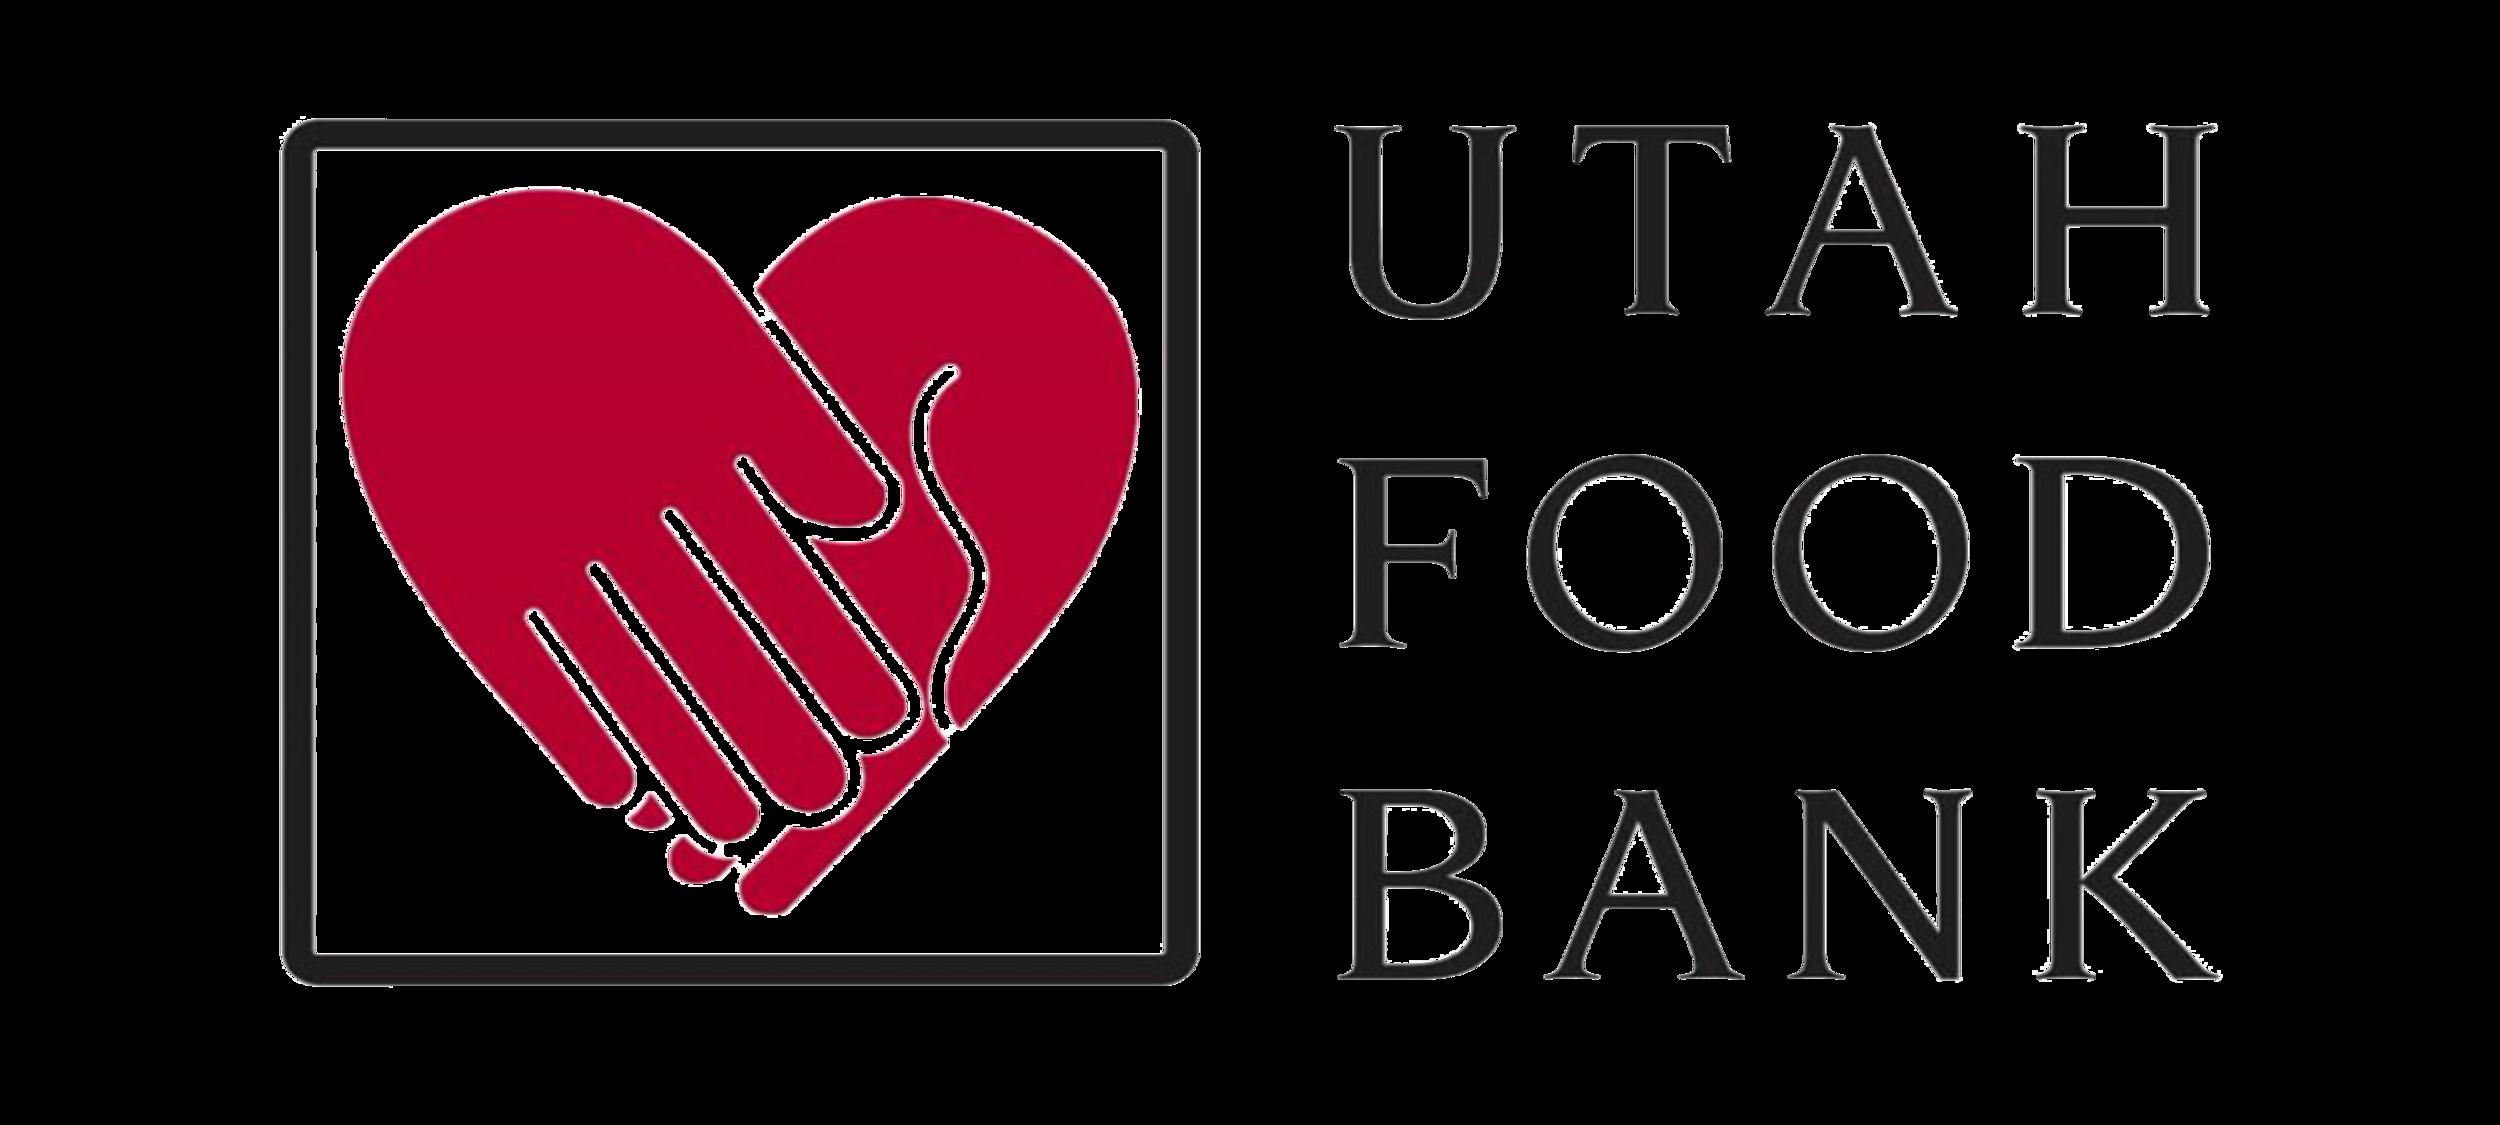 utah food web logo.png